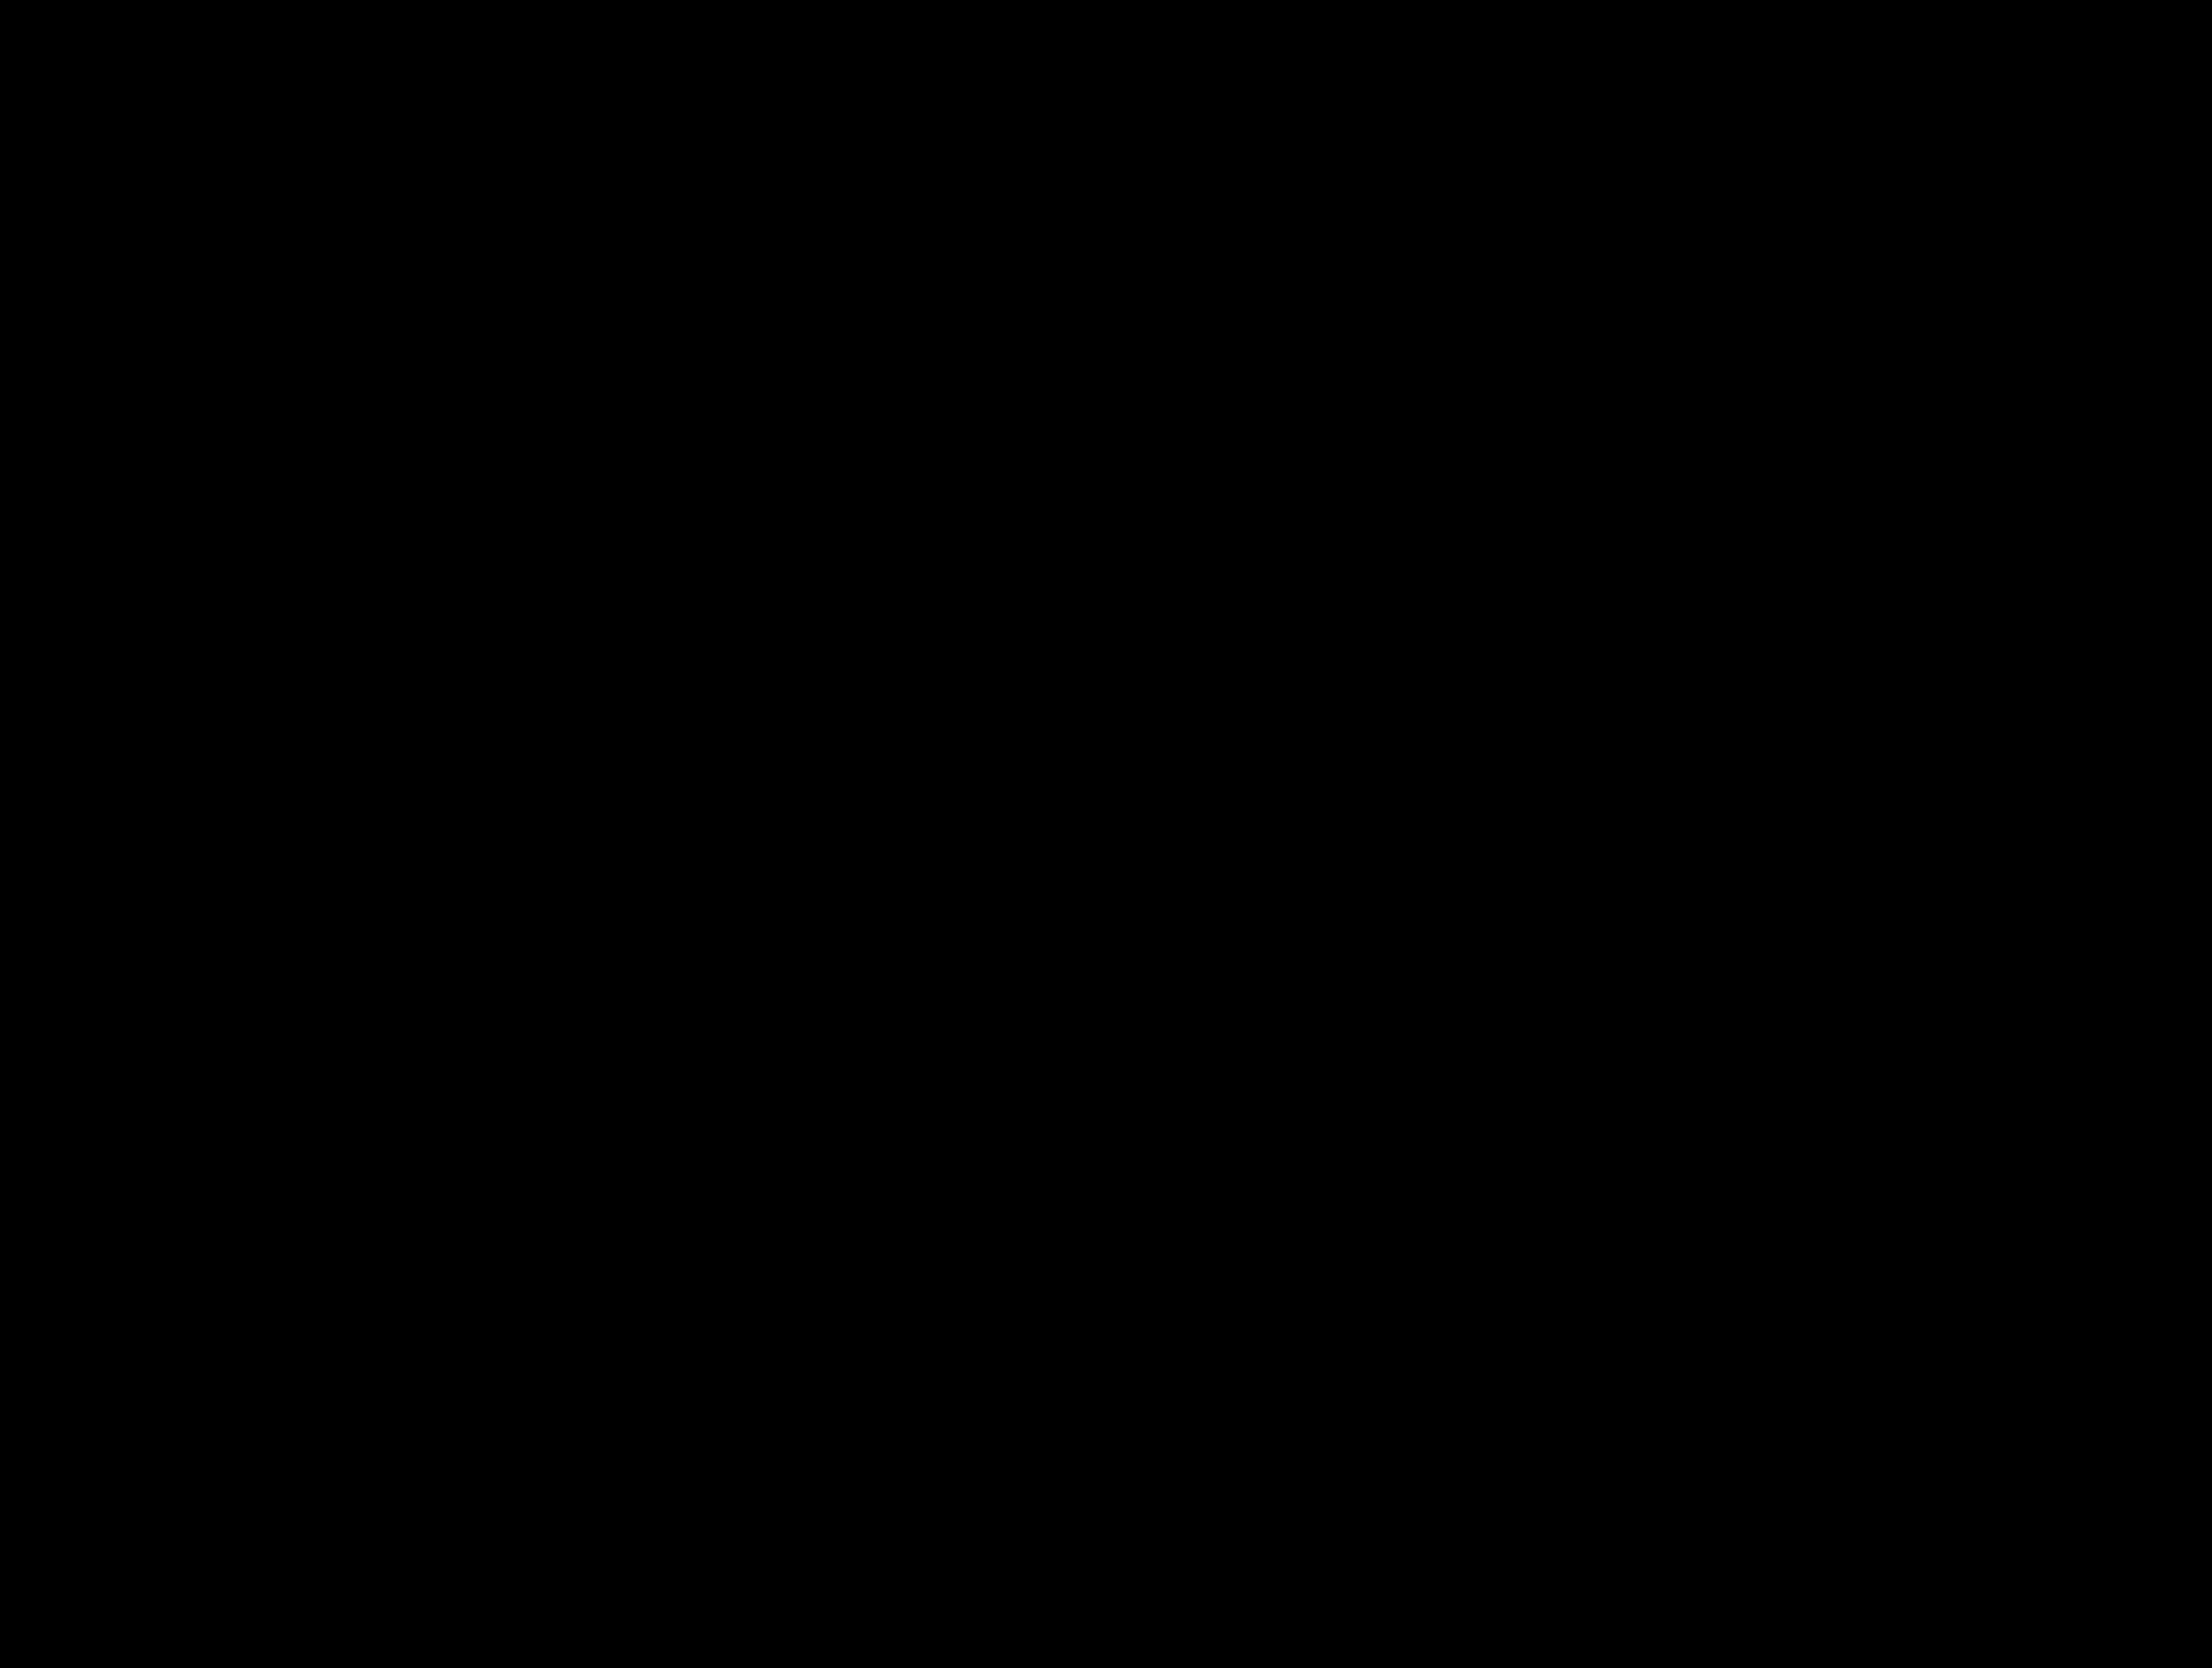 Plik Symboliczna Karta Europy Wojna Oswobodzicielka 1914 1915 Jpg